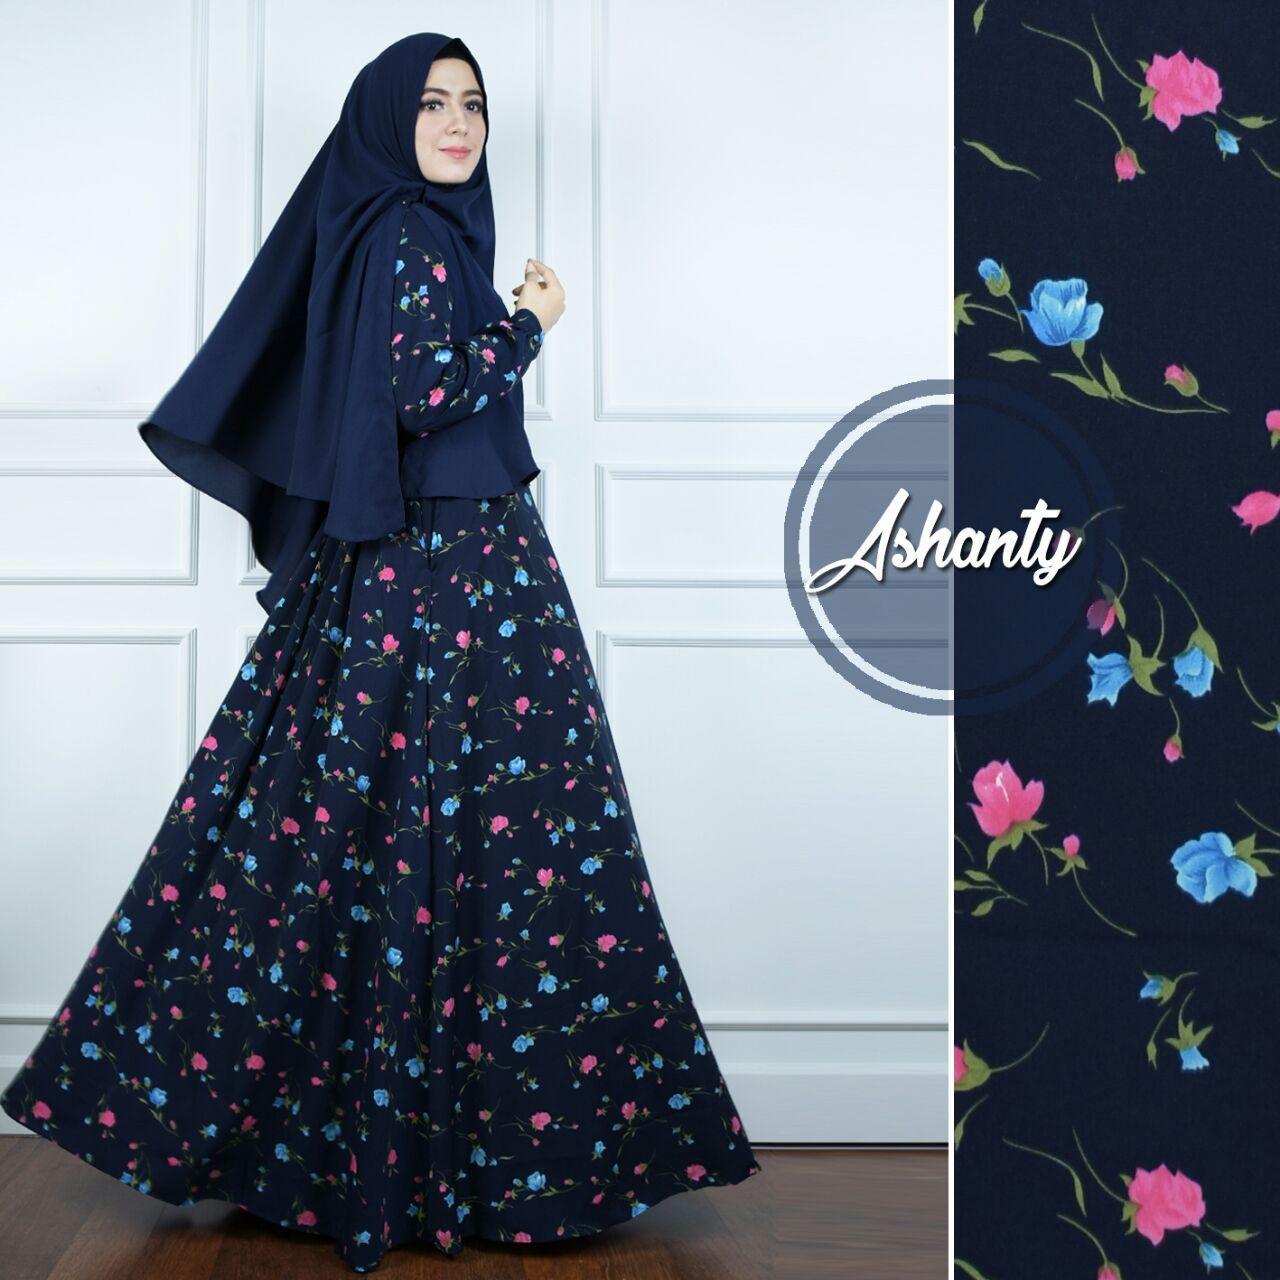 Jr Baju Gamis Gamis Syari Gamis Wanita Model Terbaru 2019 Baju Muslimah Bahan Monalisa Set Kerudung Jihan